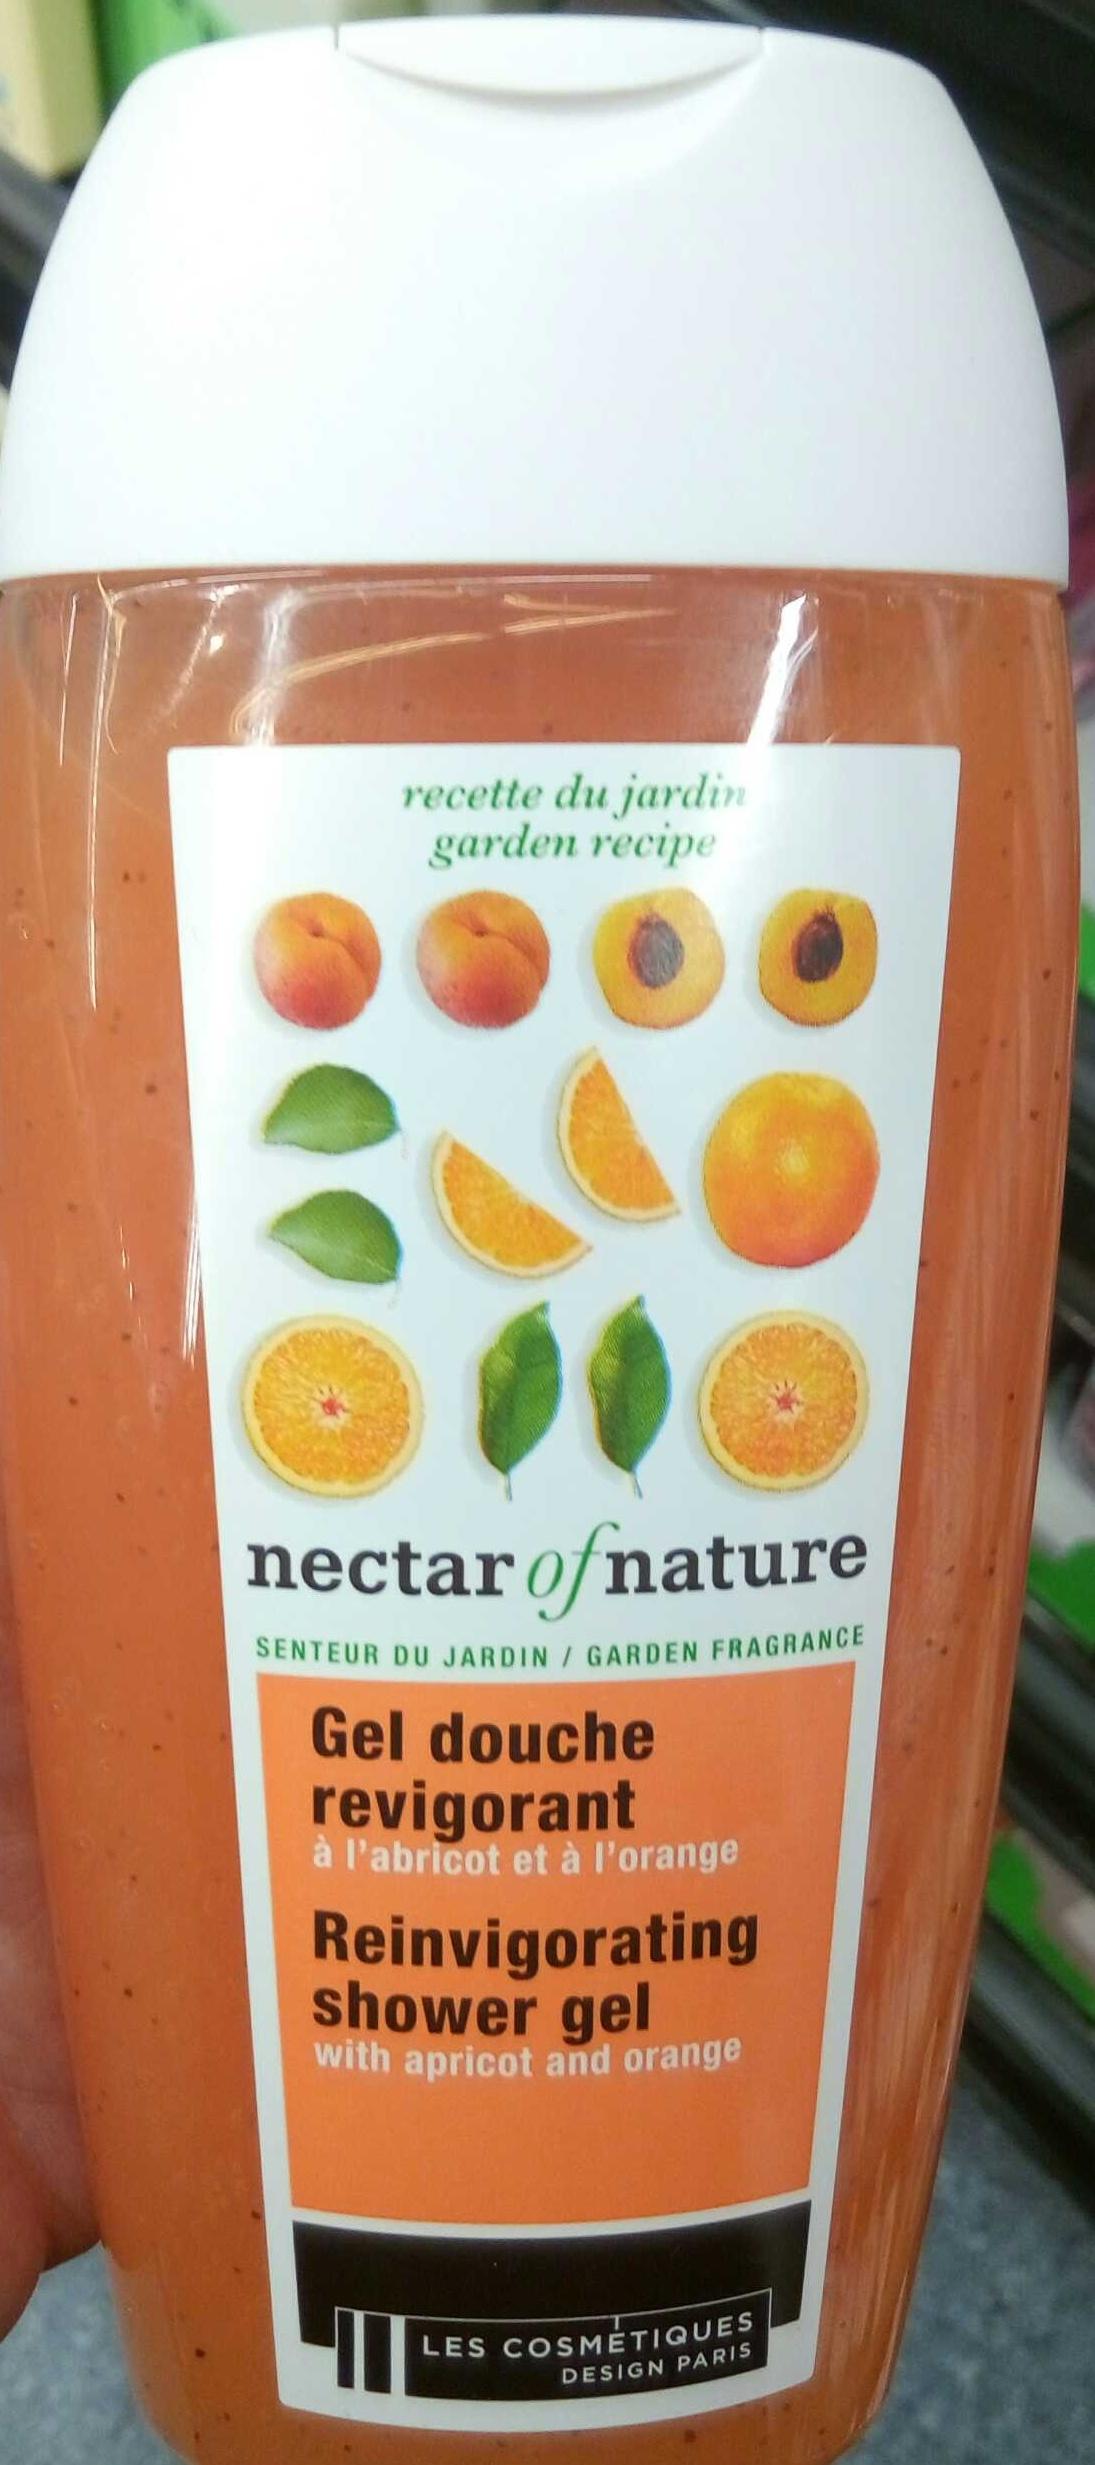 Gel douche revigorant à l'abricot et à l'orange - Product - fr